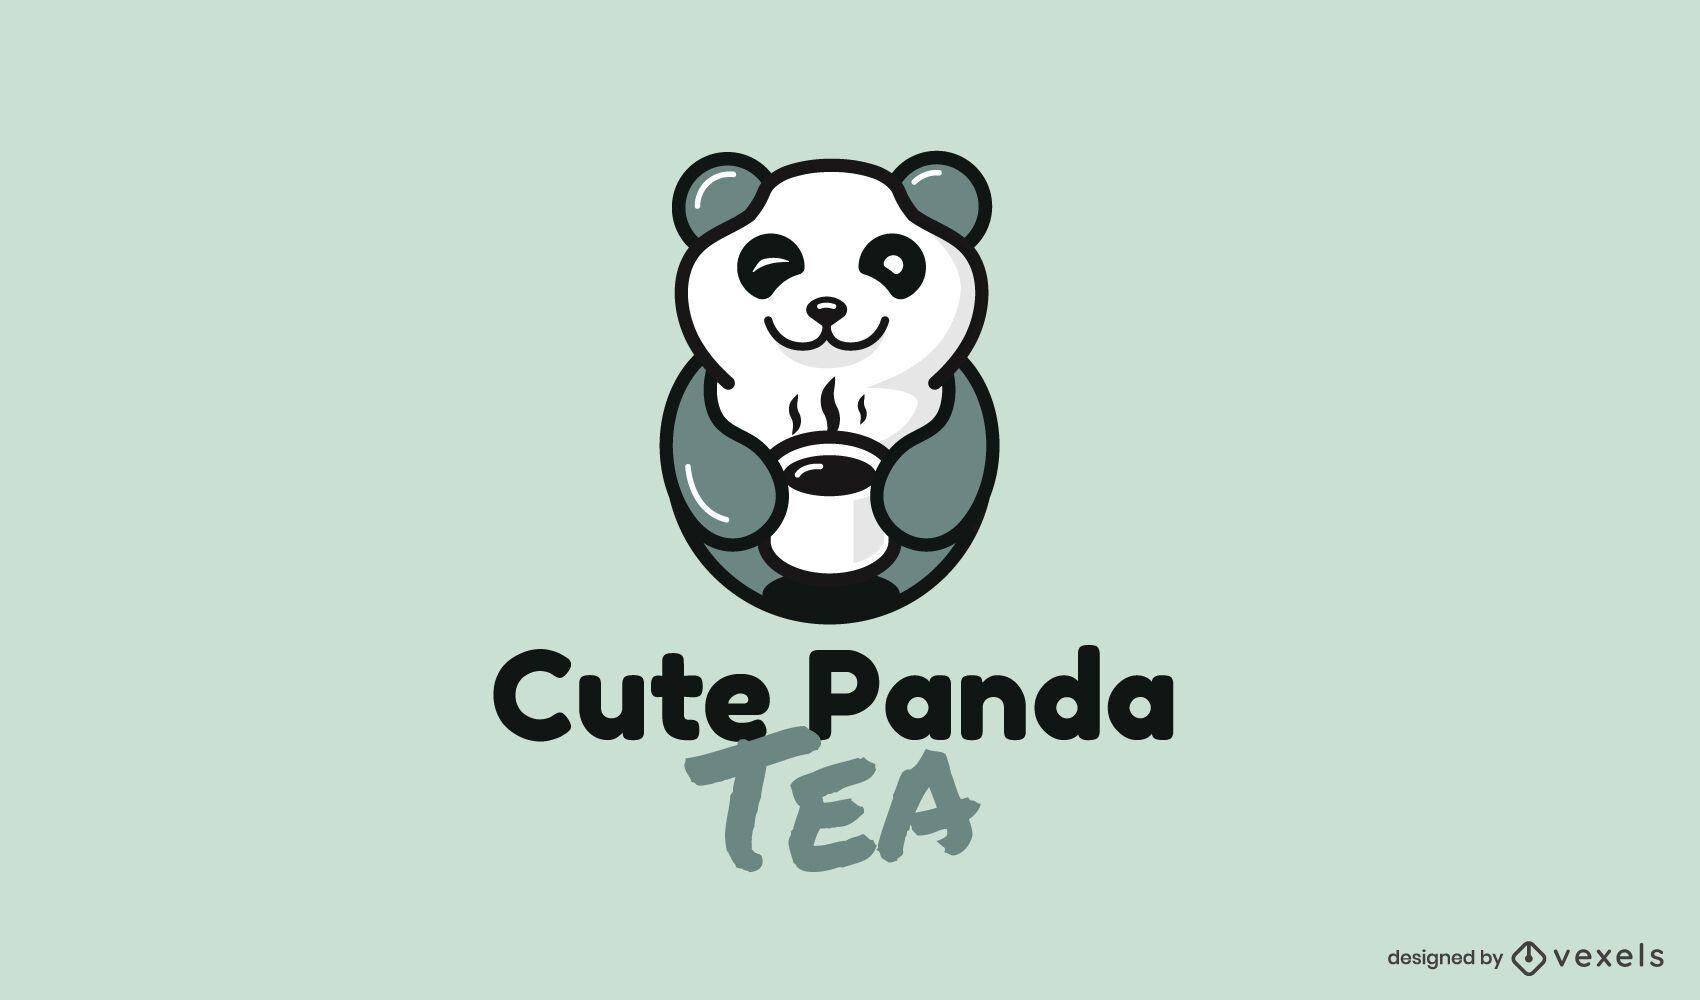 Tee niedlichen Panda Bär Tier Logo Design